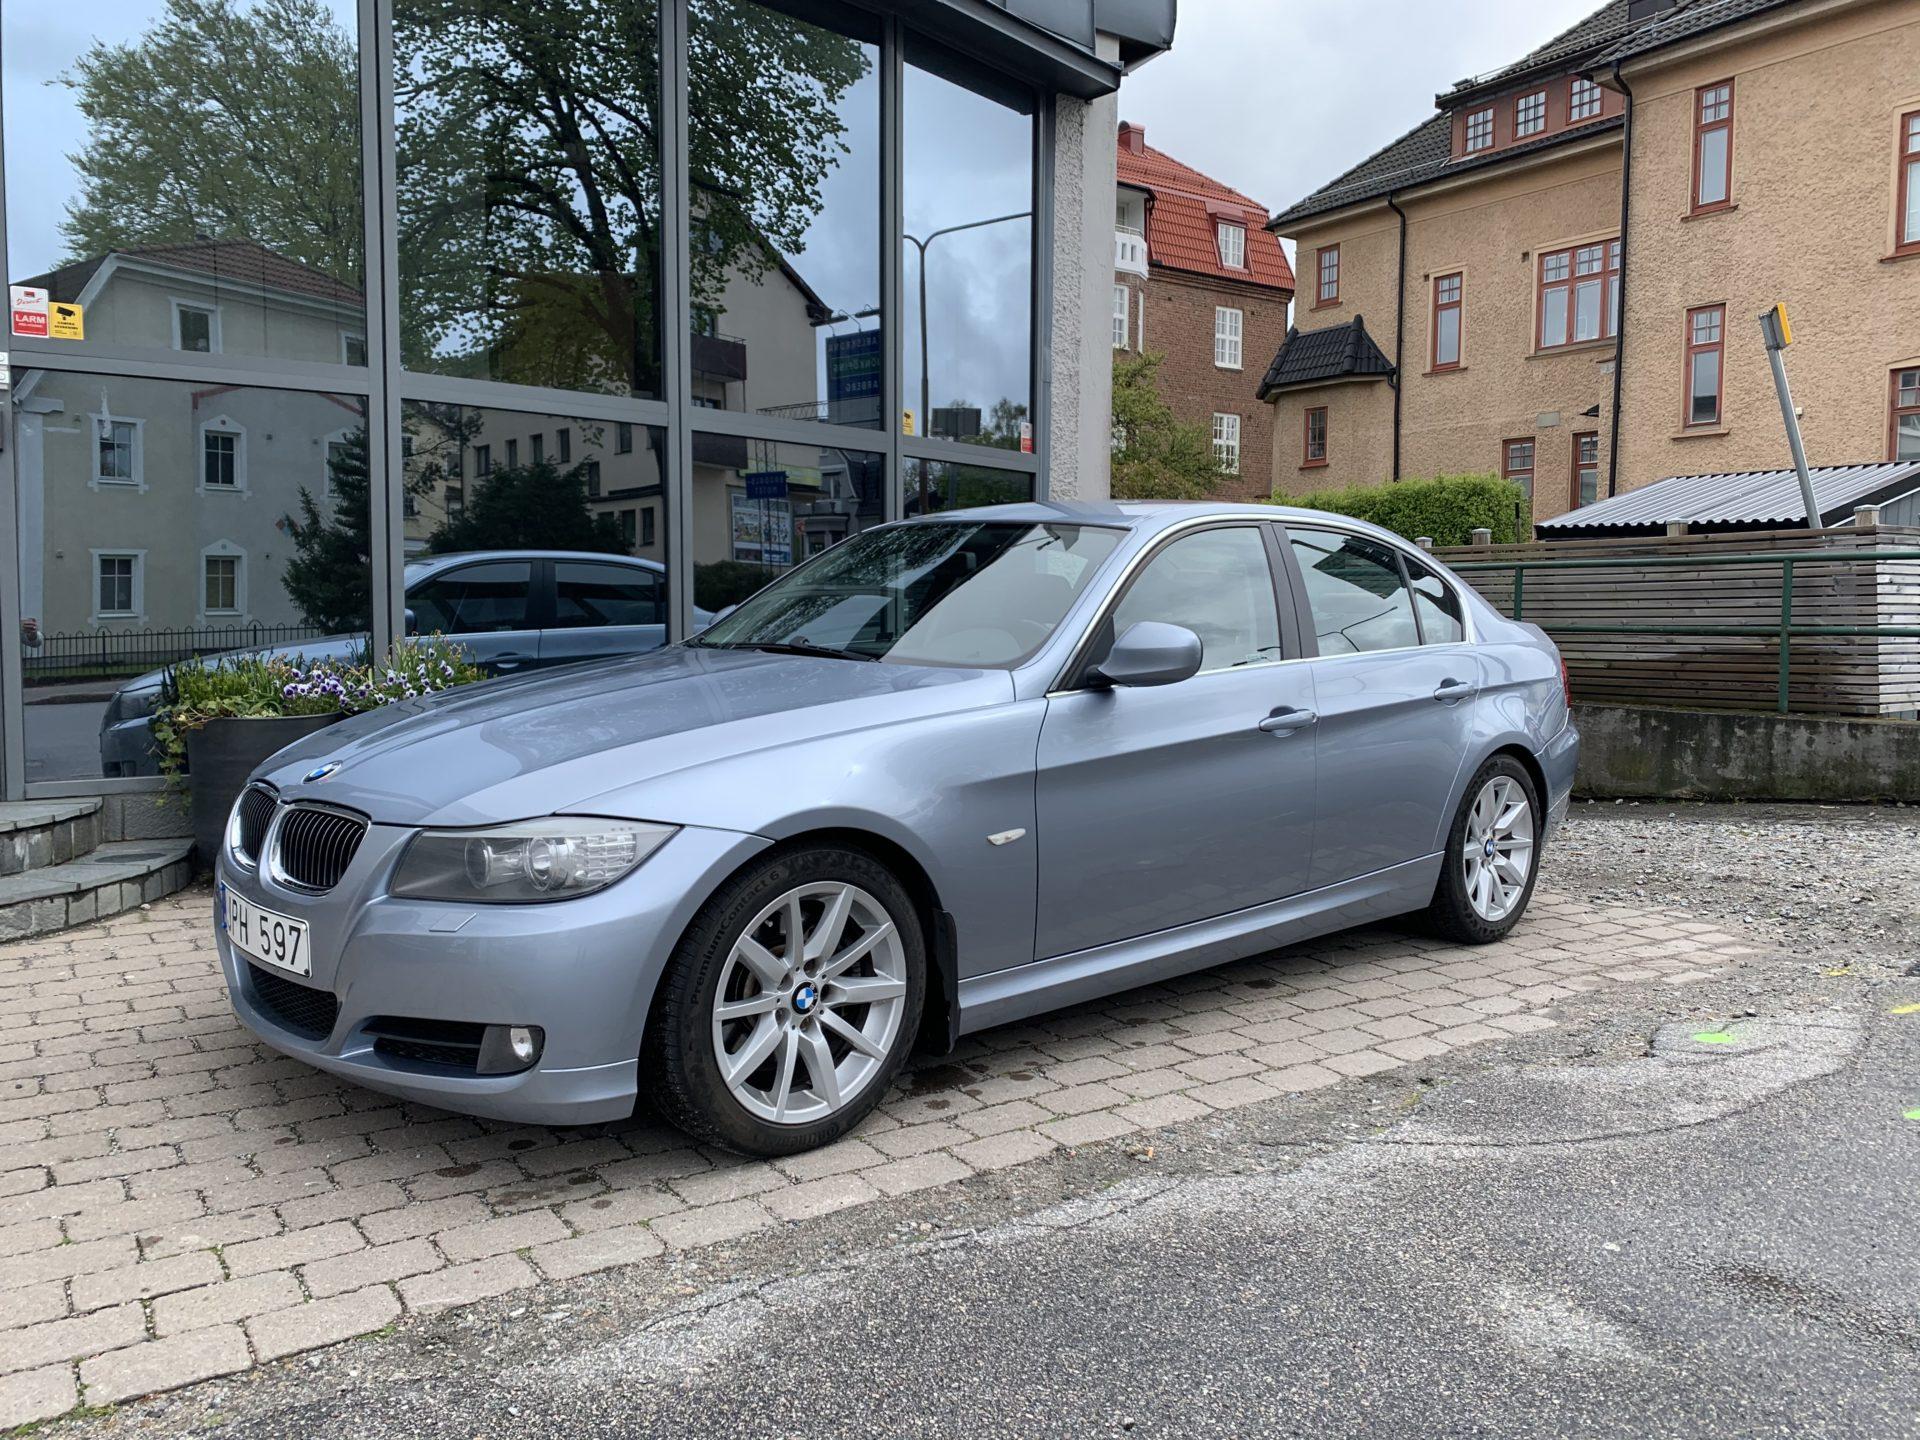 BMW 325 d Sedan Comfort, Dynamic 197hk